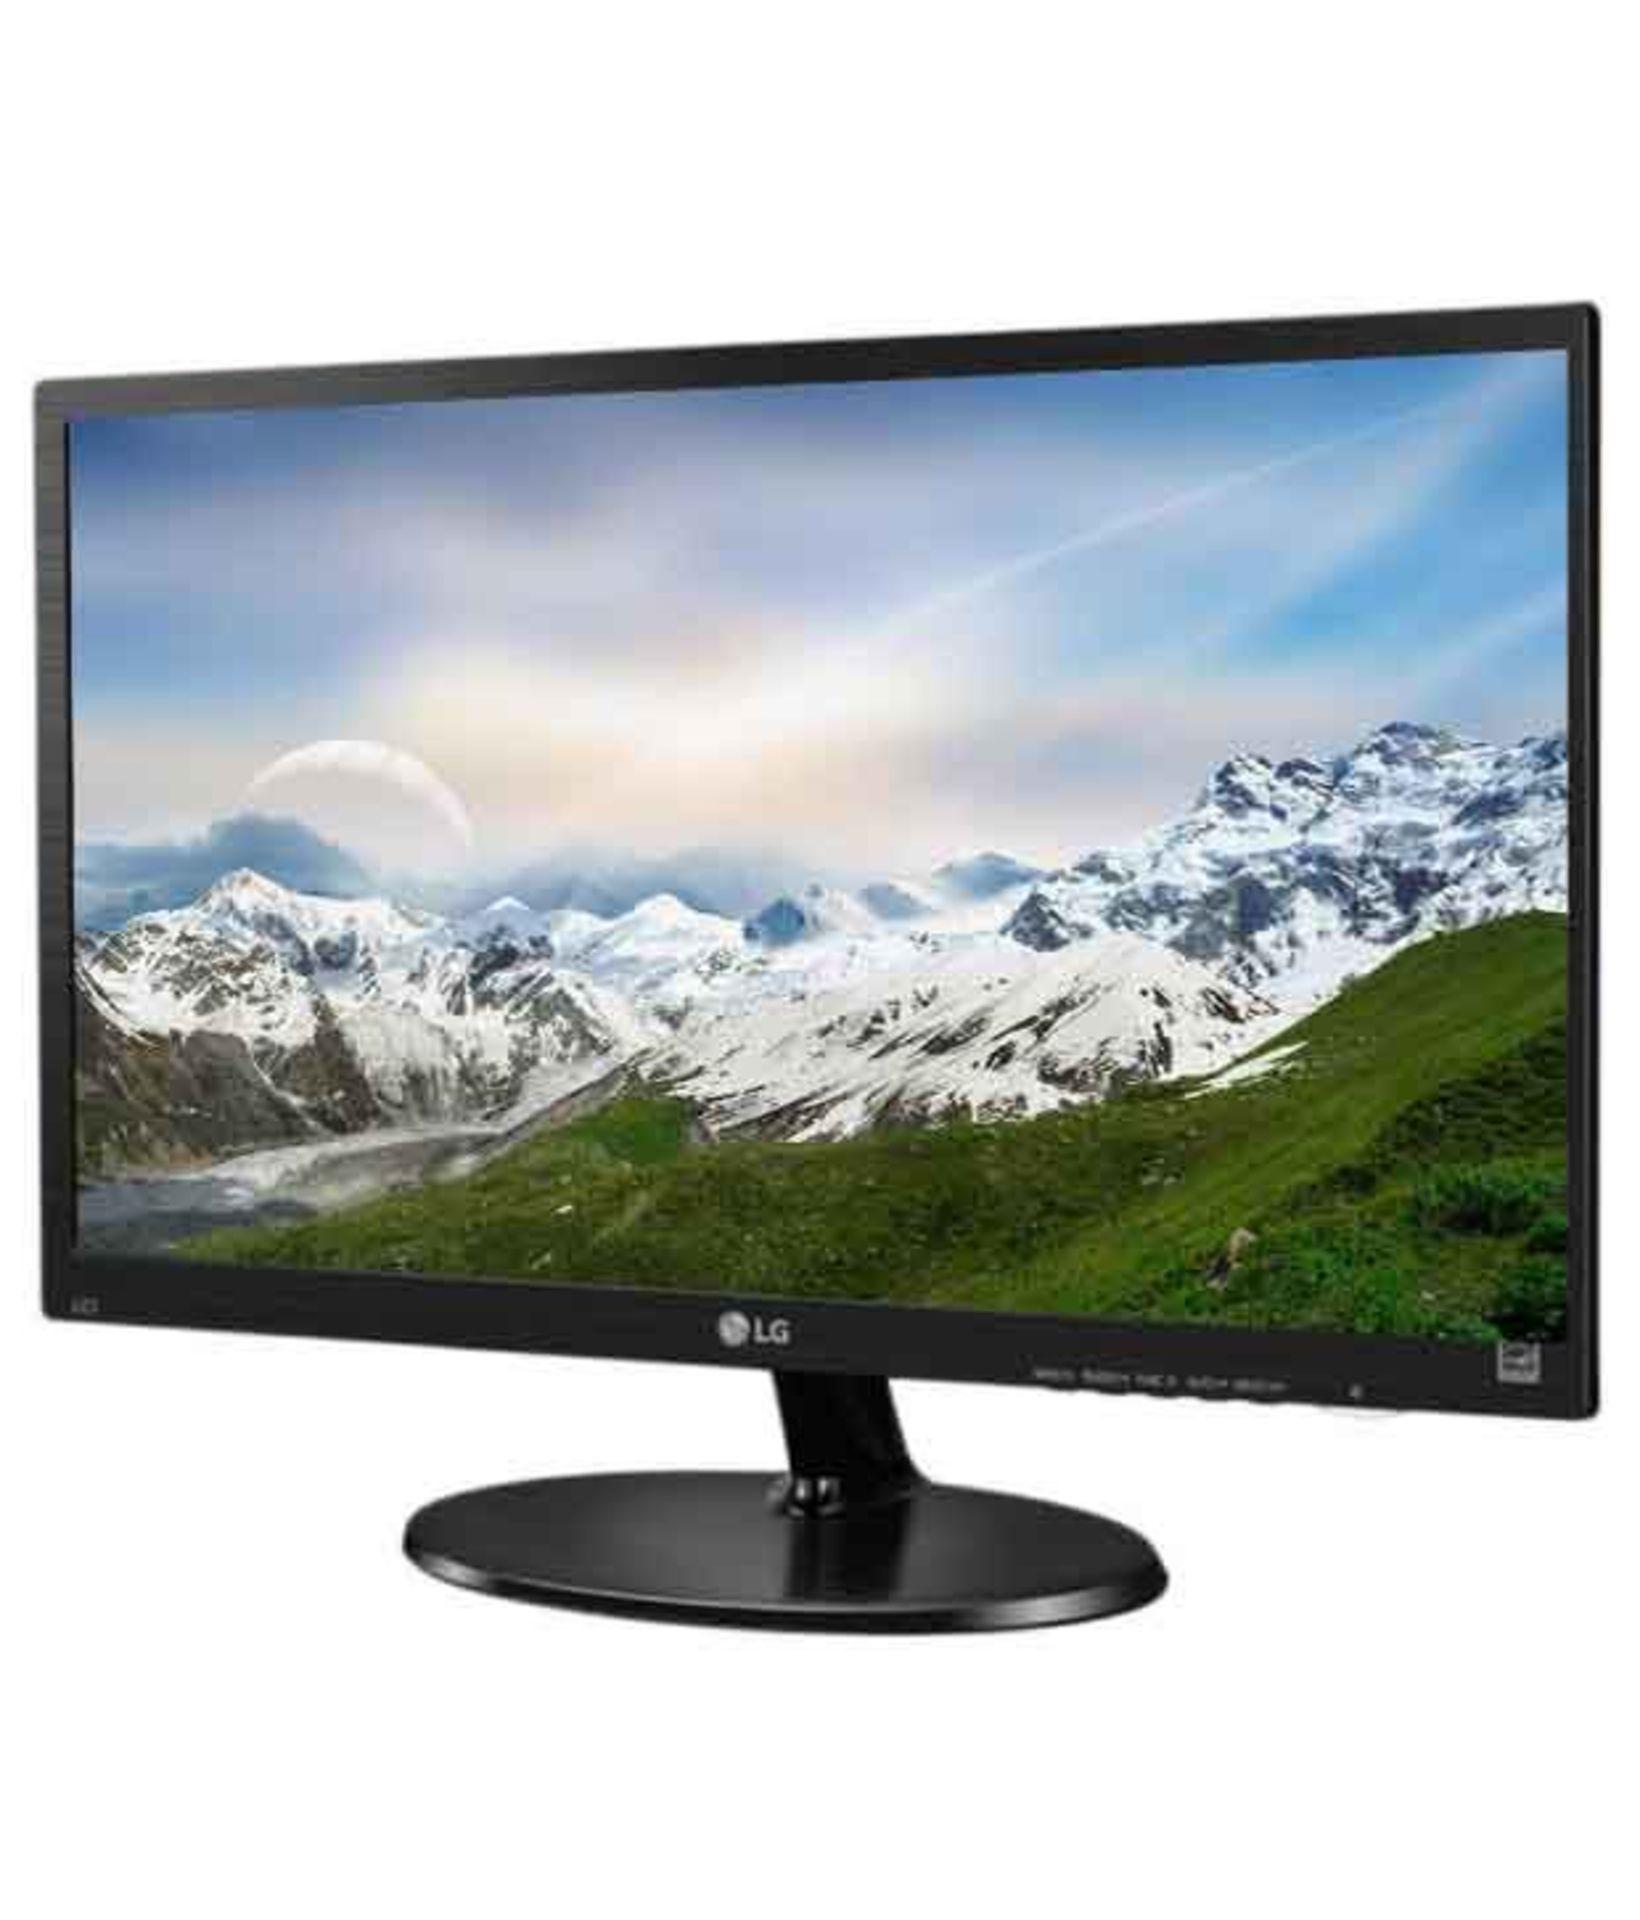 + VAT Grade A LG 19 Inch FULL HD LED MONITOR - D-SUB 19M38A-B